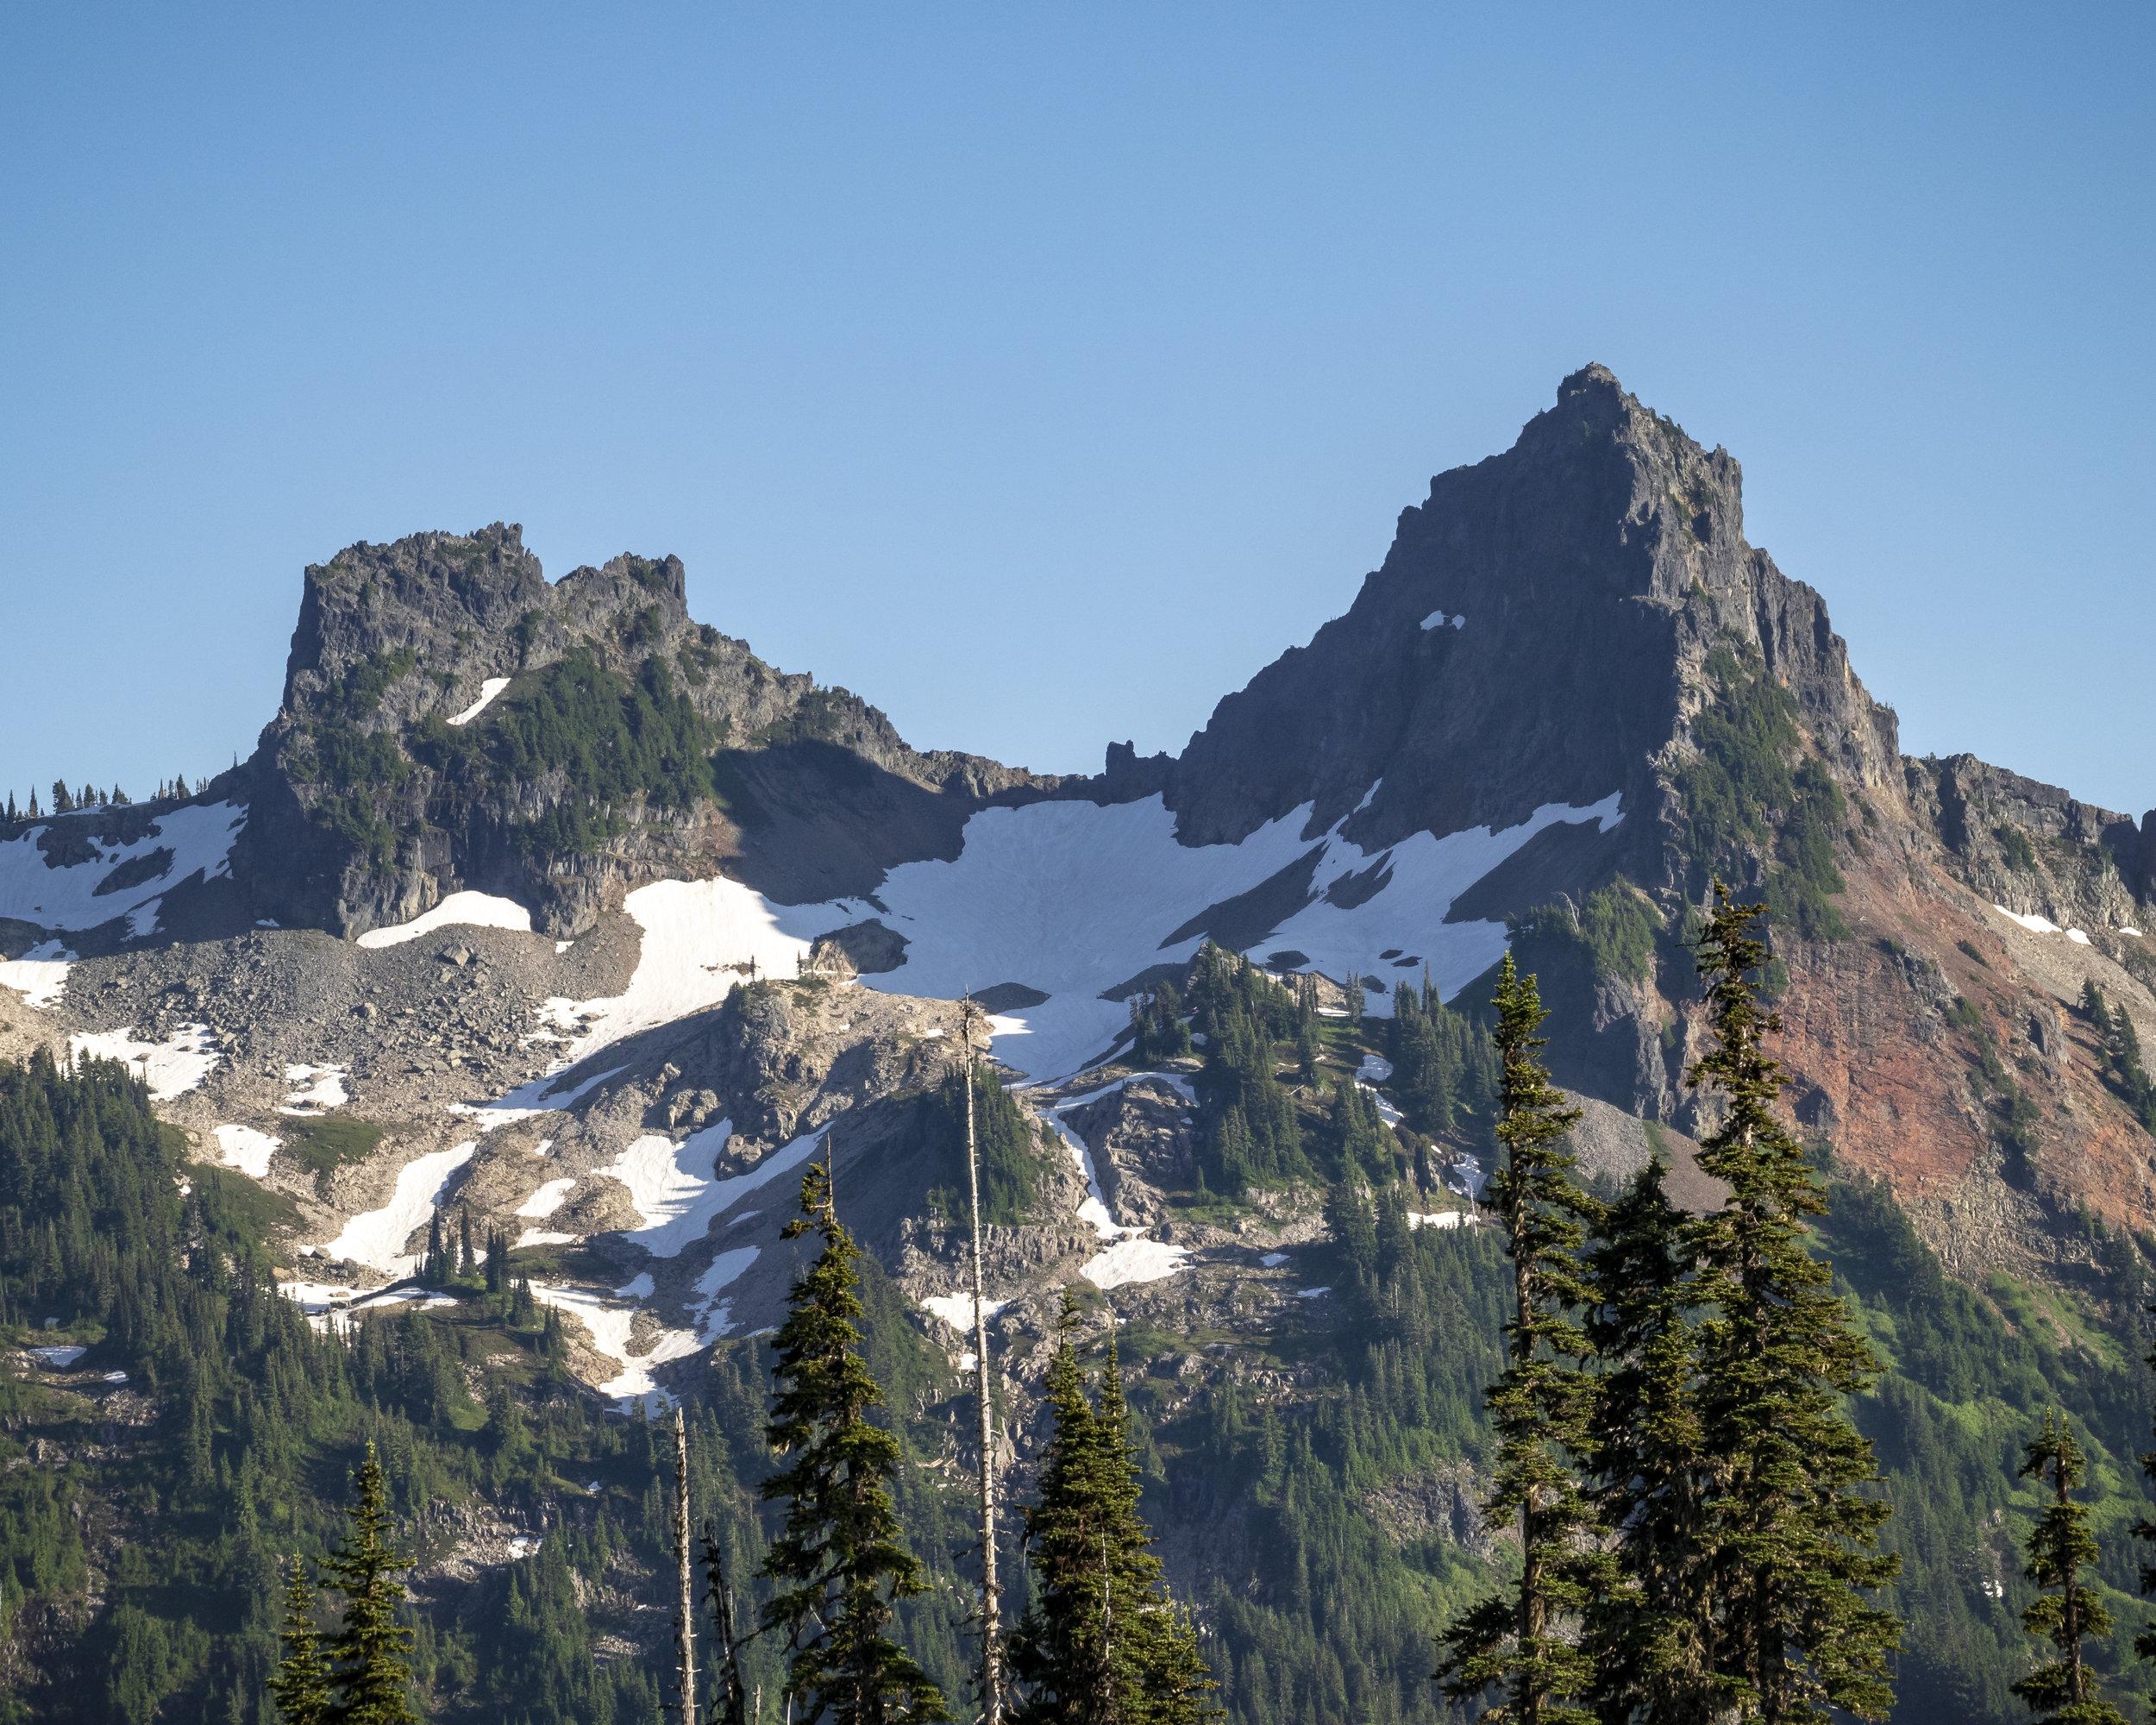 The_Castle_and_Pinnacle_Peak_in_Mt_Rainier_National_Park.jpg